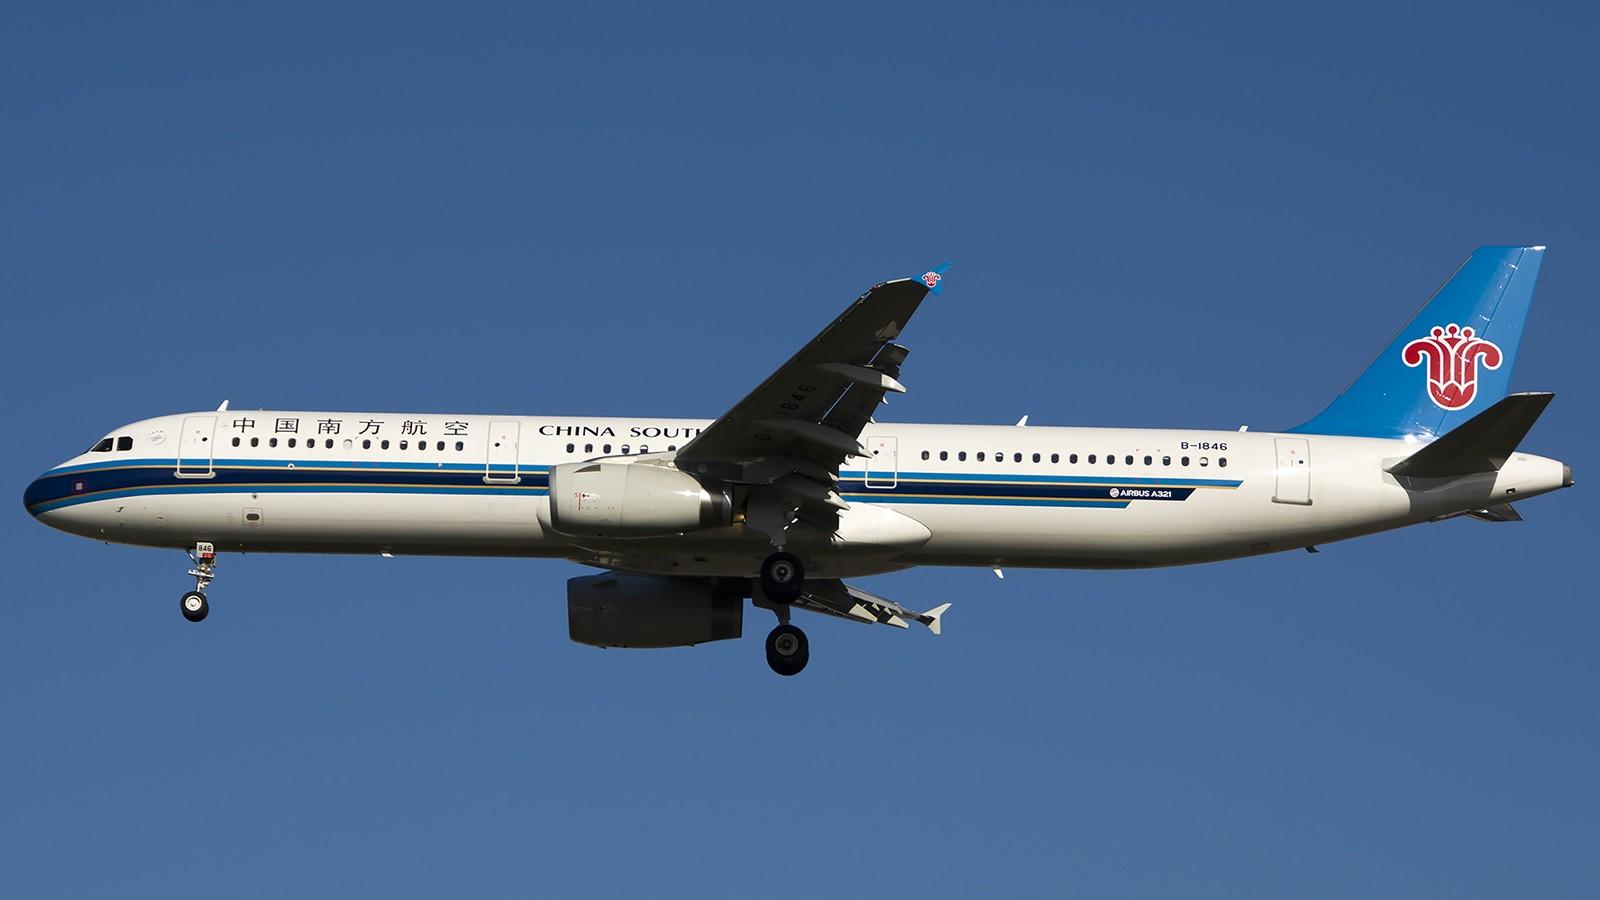 Re:[原创]难得赶上PEK周末好天气,各种常见机型都有收获 AIRBUS A321-200 B-1846 中国北京首都机场